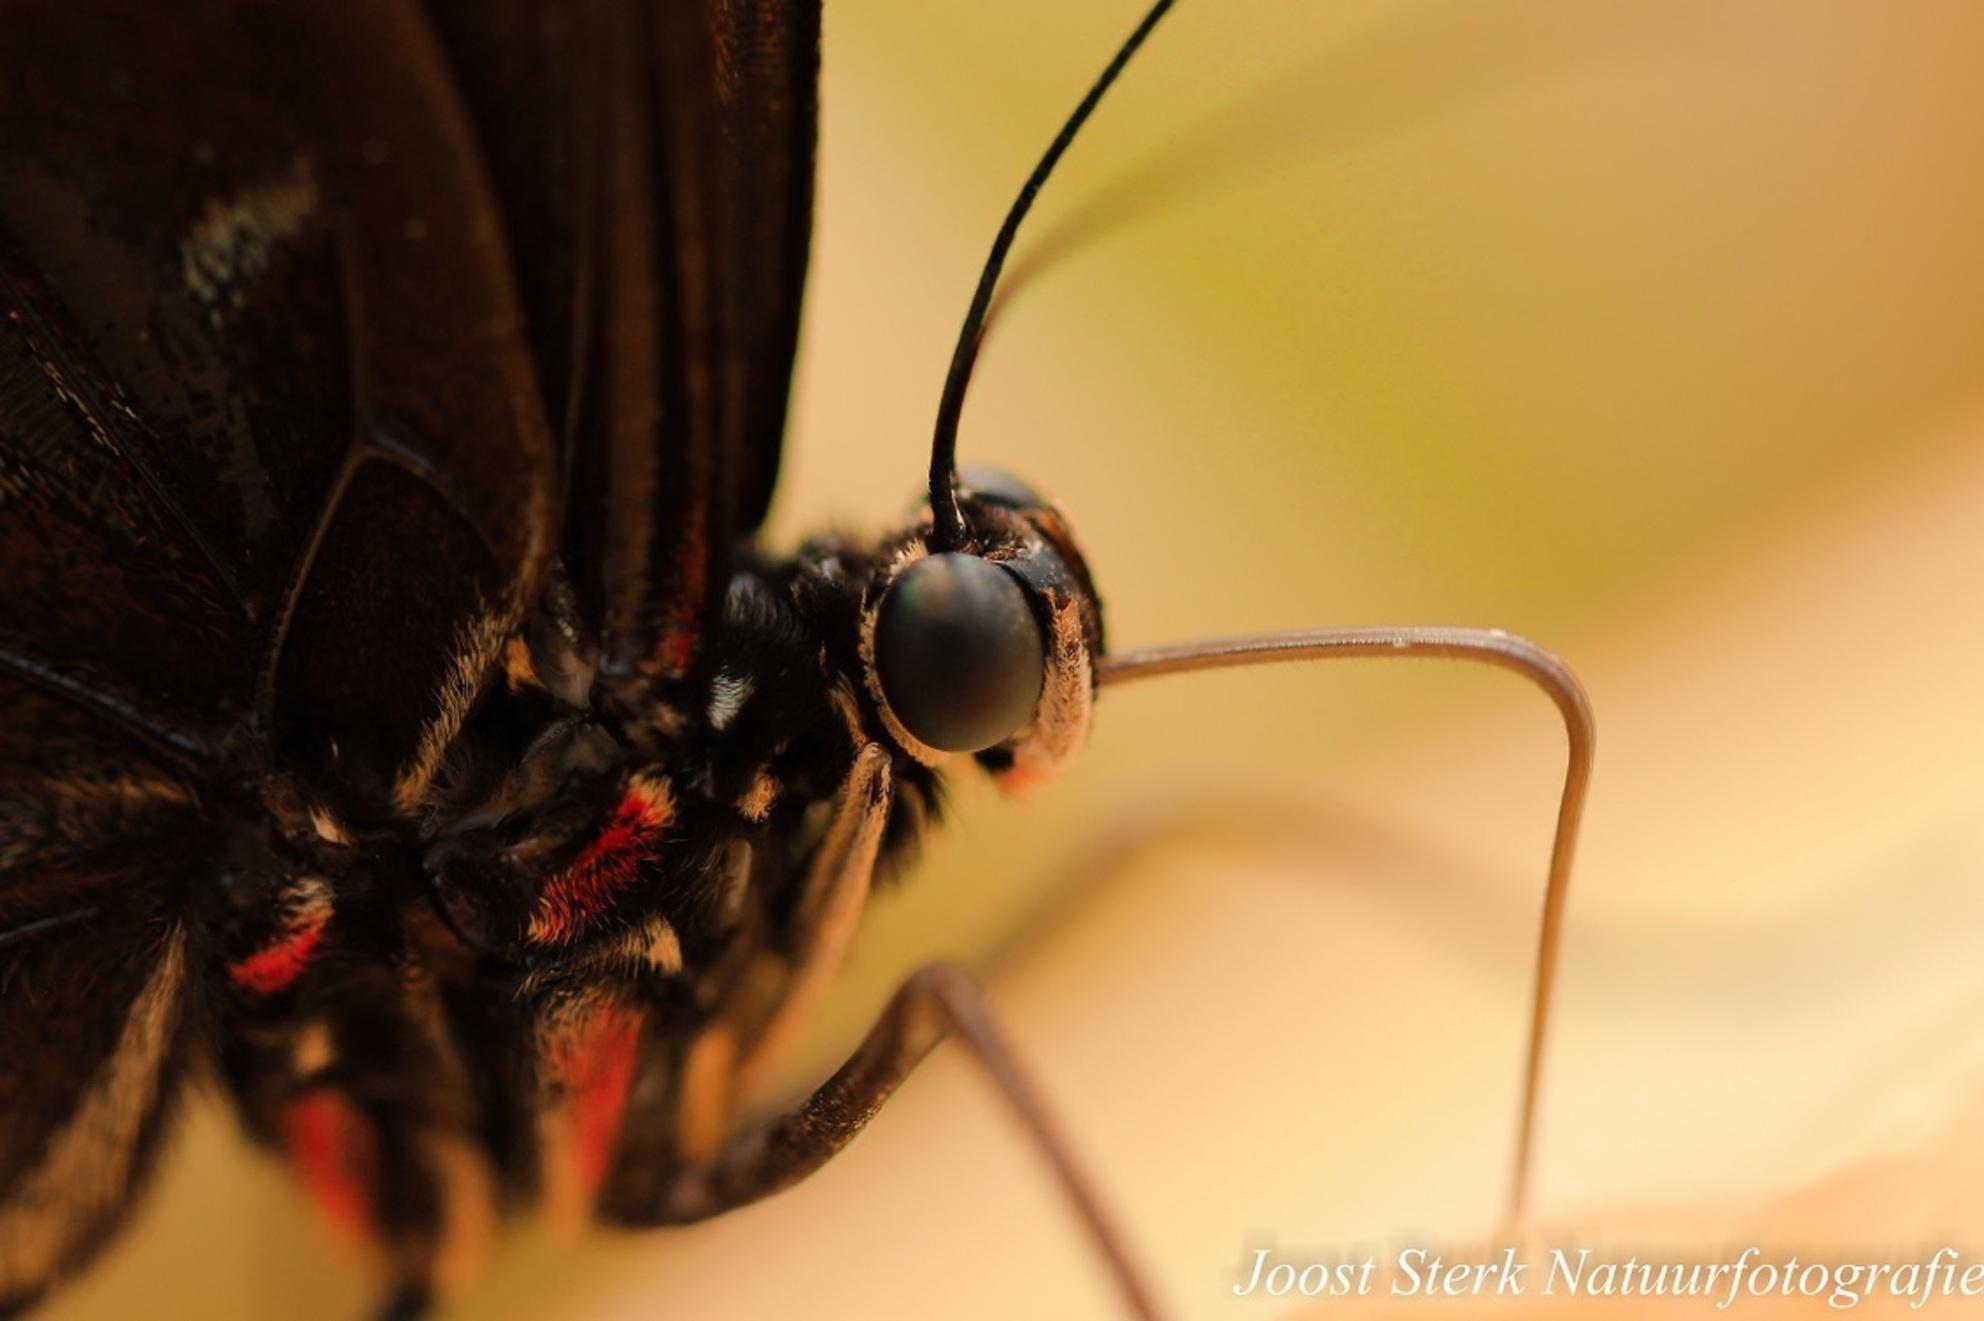 Butterfly upclose - Toen ik deze foto maakte had ik net een macrolens gekocht. Ik ging naar de Amazonica, de vlindertuin in blijdorp, en dit is het resultaat. - foto door joost-sterk op 14-06-2015 - deze foto bevat: macro, dierentuin, natuur, vlinder, dieren, blijdorp